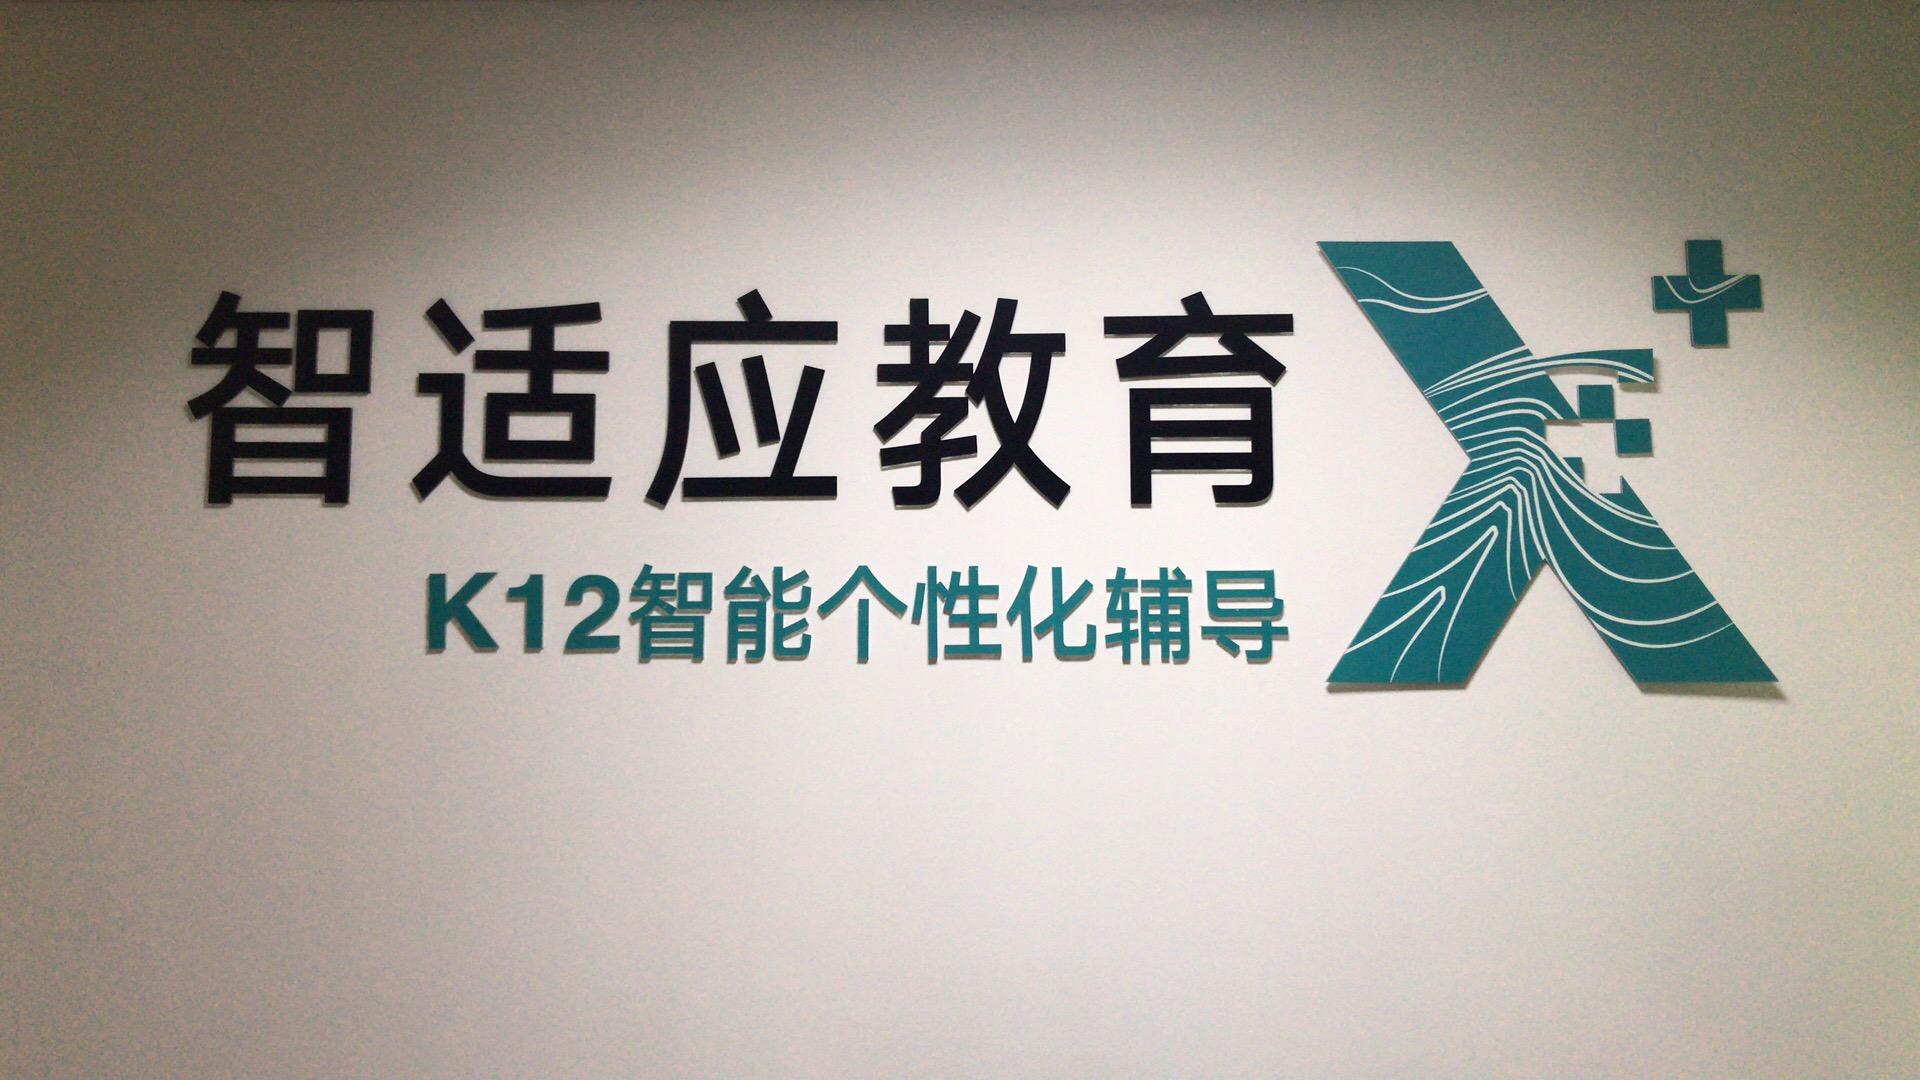 惠州初中英语/初中/数学老师_语文九中/数学/语英语初中吗哈尔滨还有